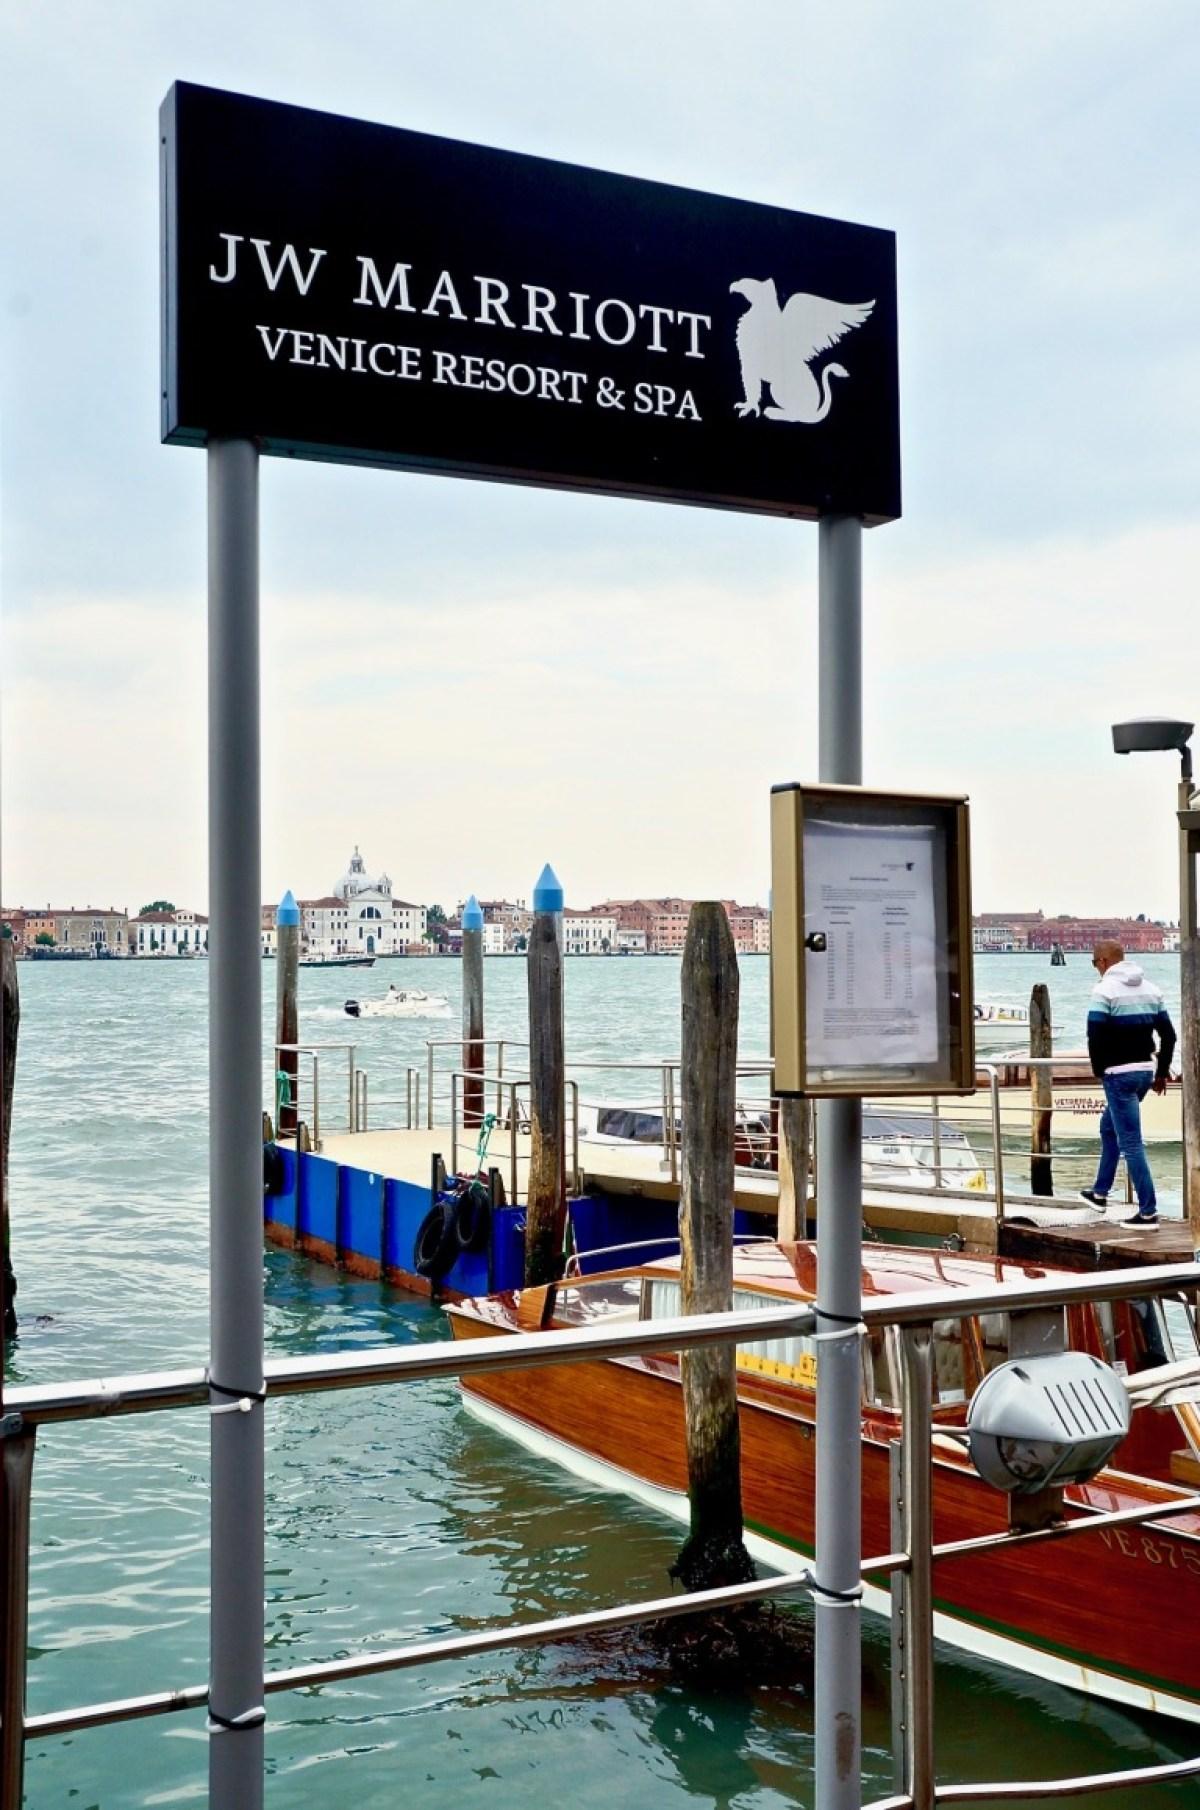 gefunden: der Steg für's Boot zum Marriott